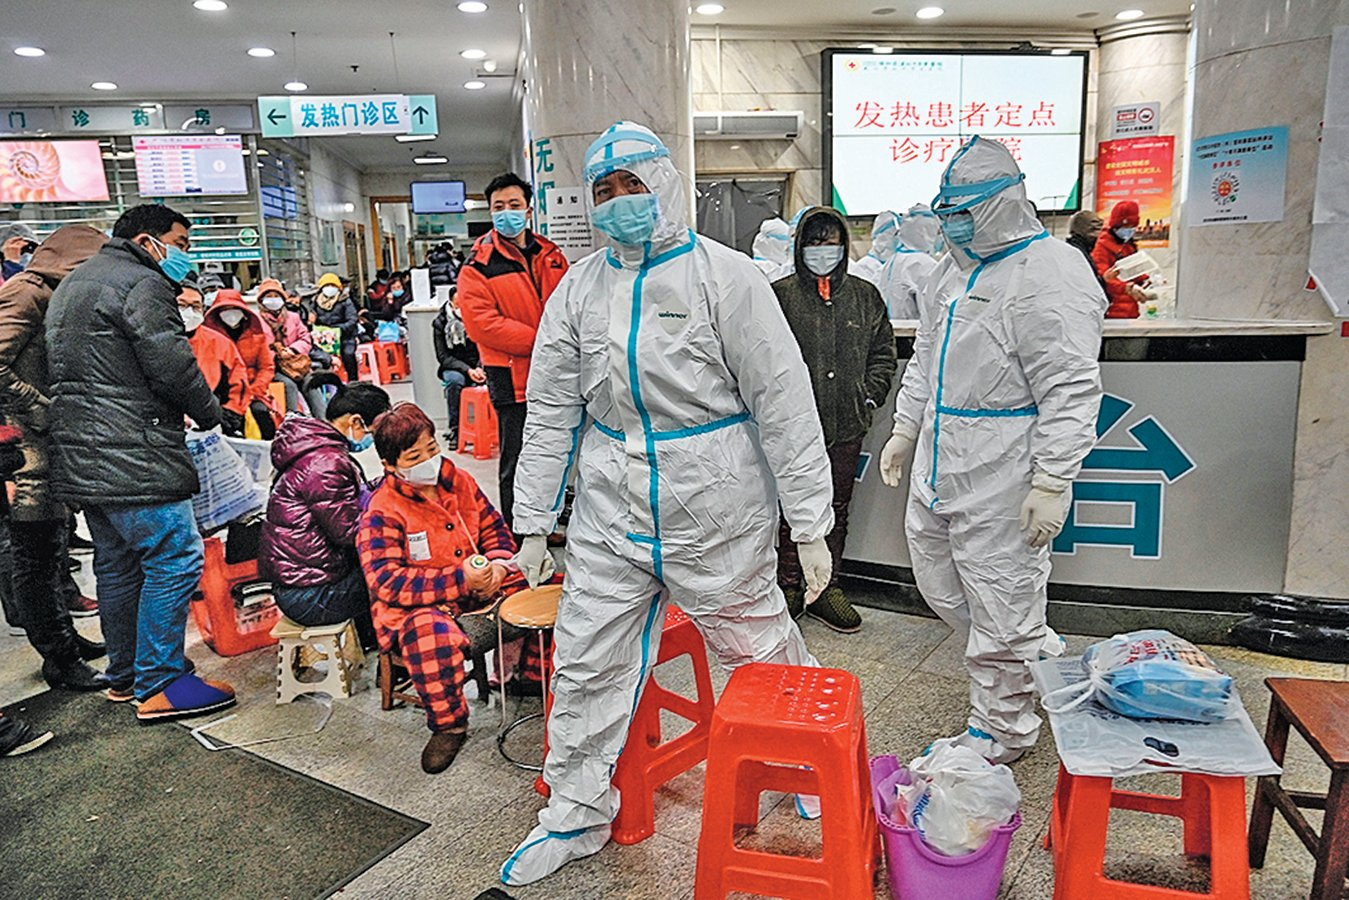 武漢肺炎疫情肆虐,死亡人數及確診病例暴增,其中不乏醫生。(AFP)